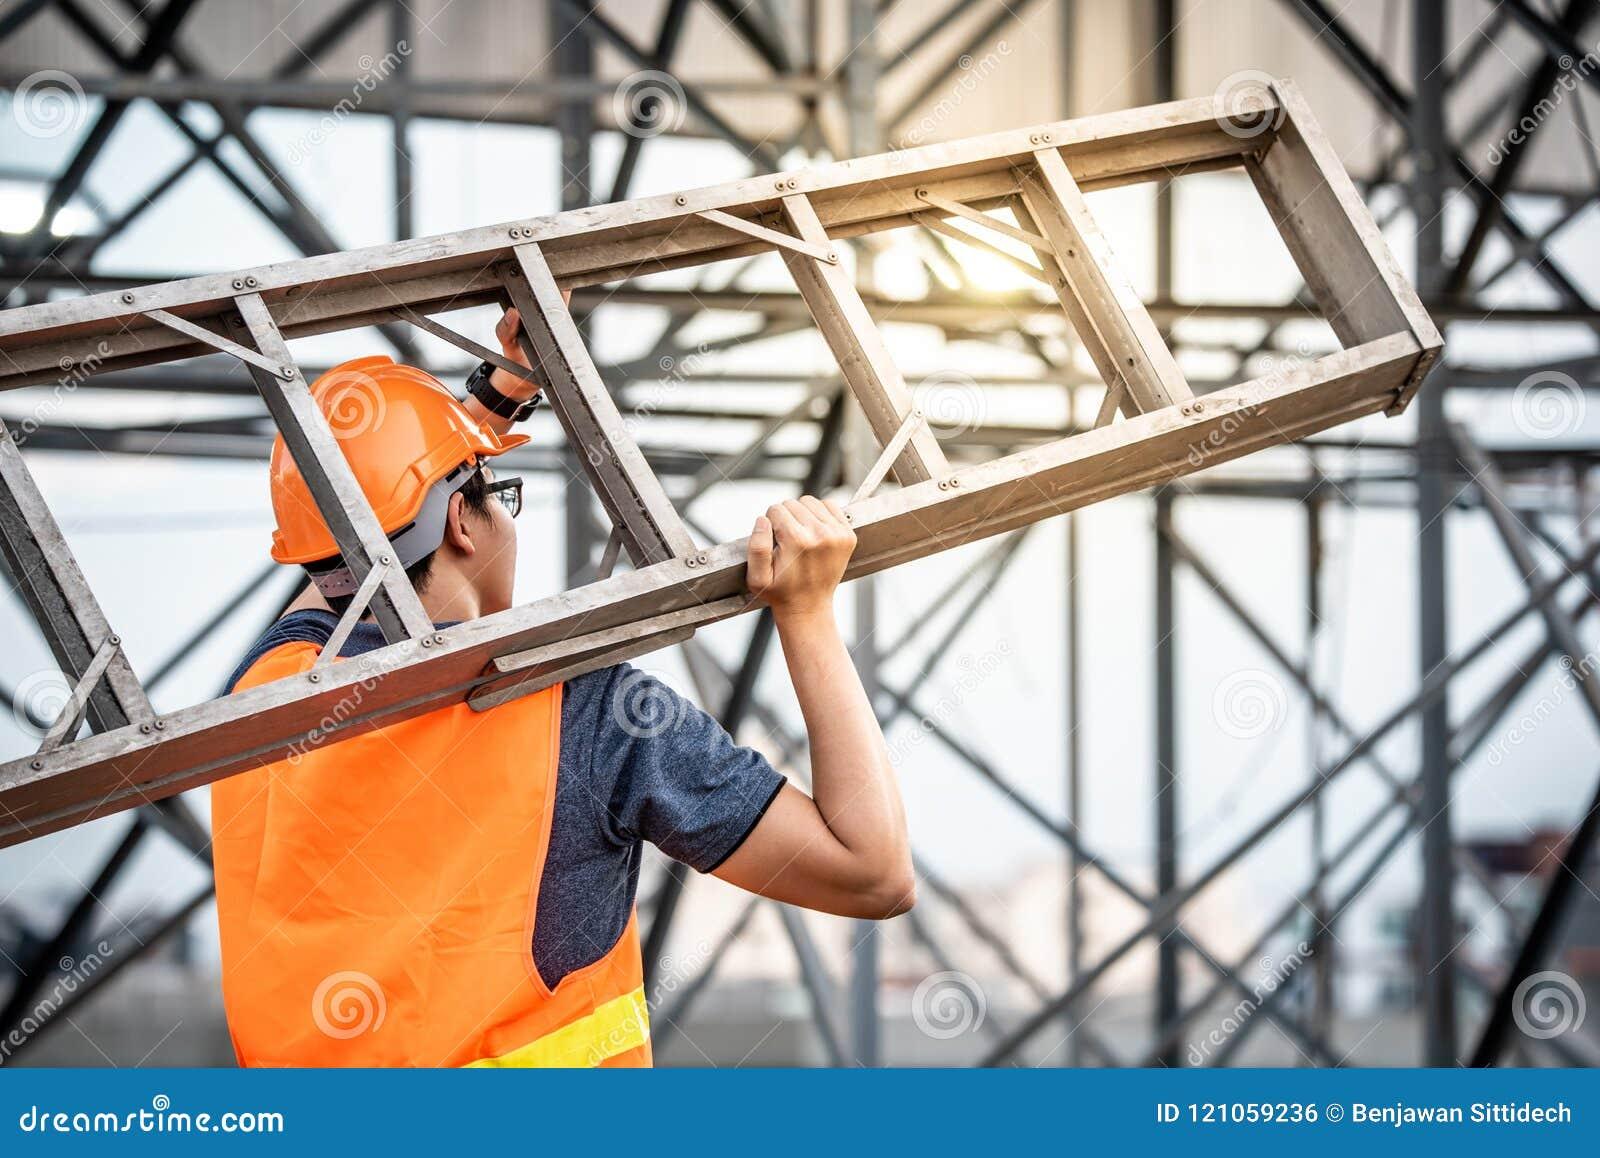 Échelle en aluminium de transport de jeune ouvrier d entretien asiatique